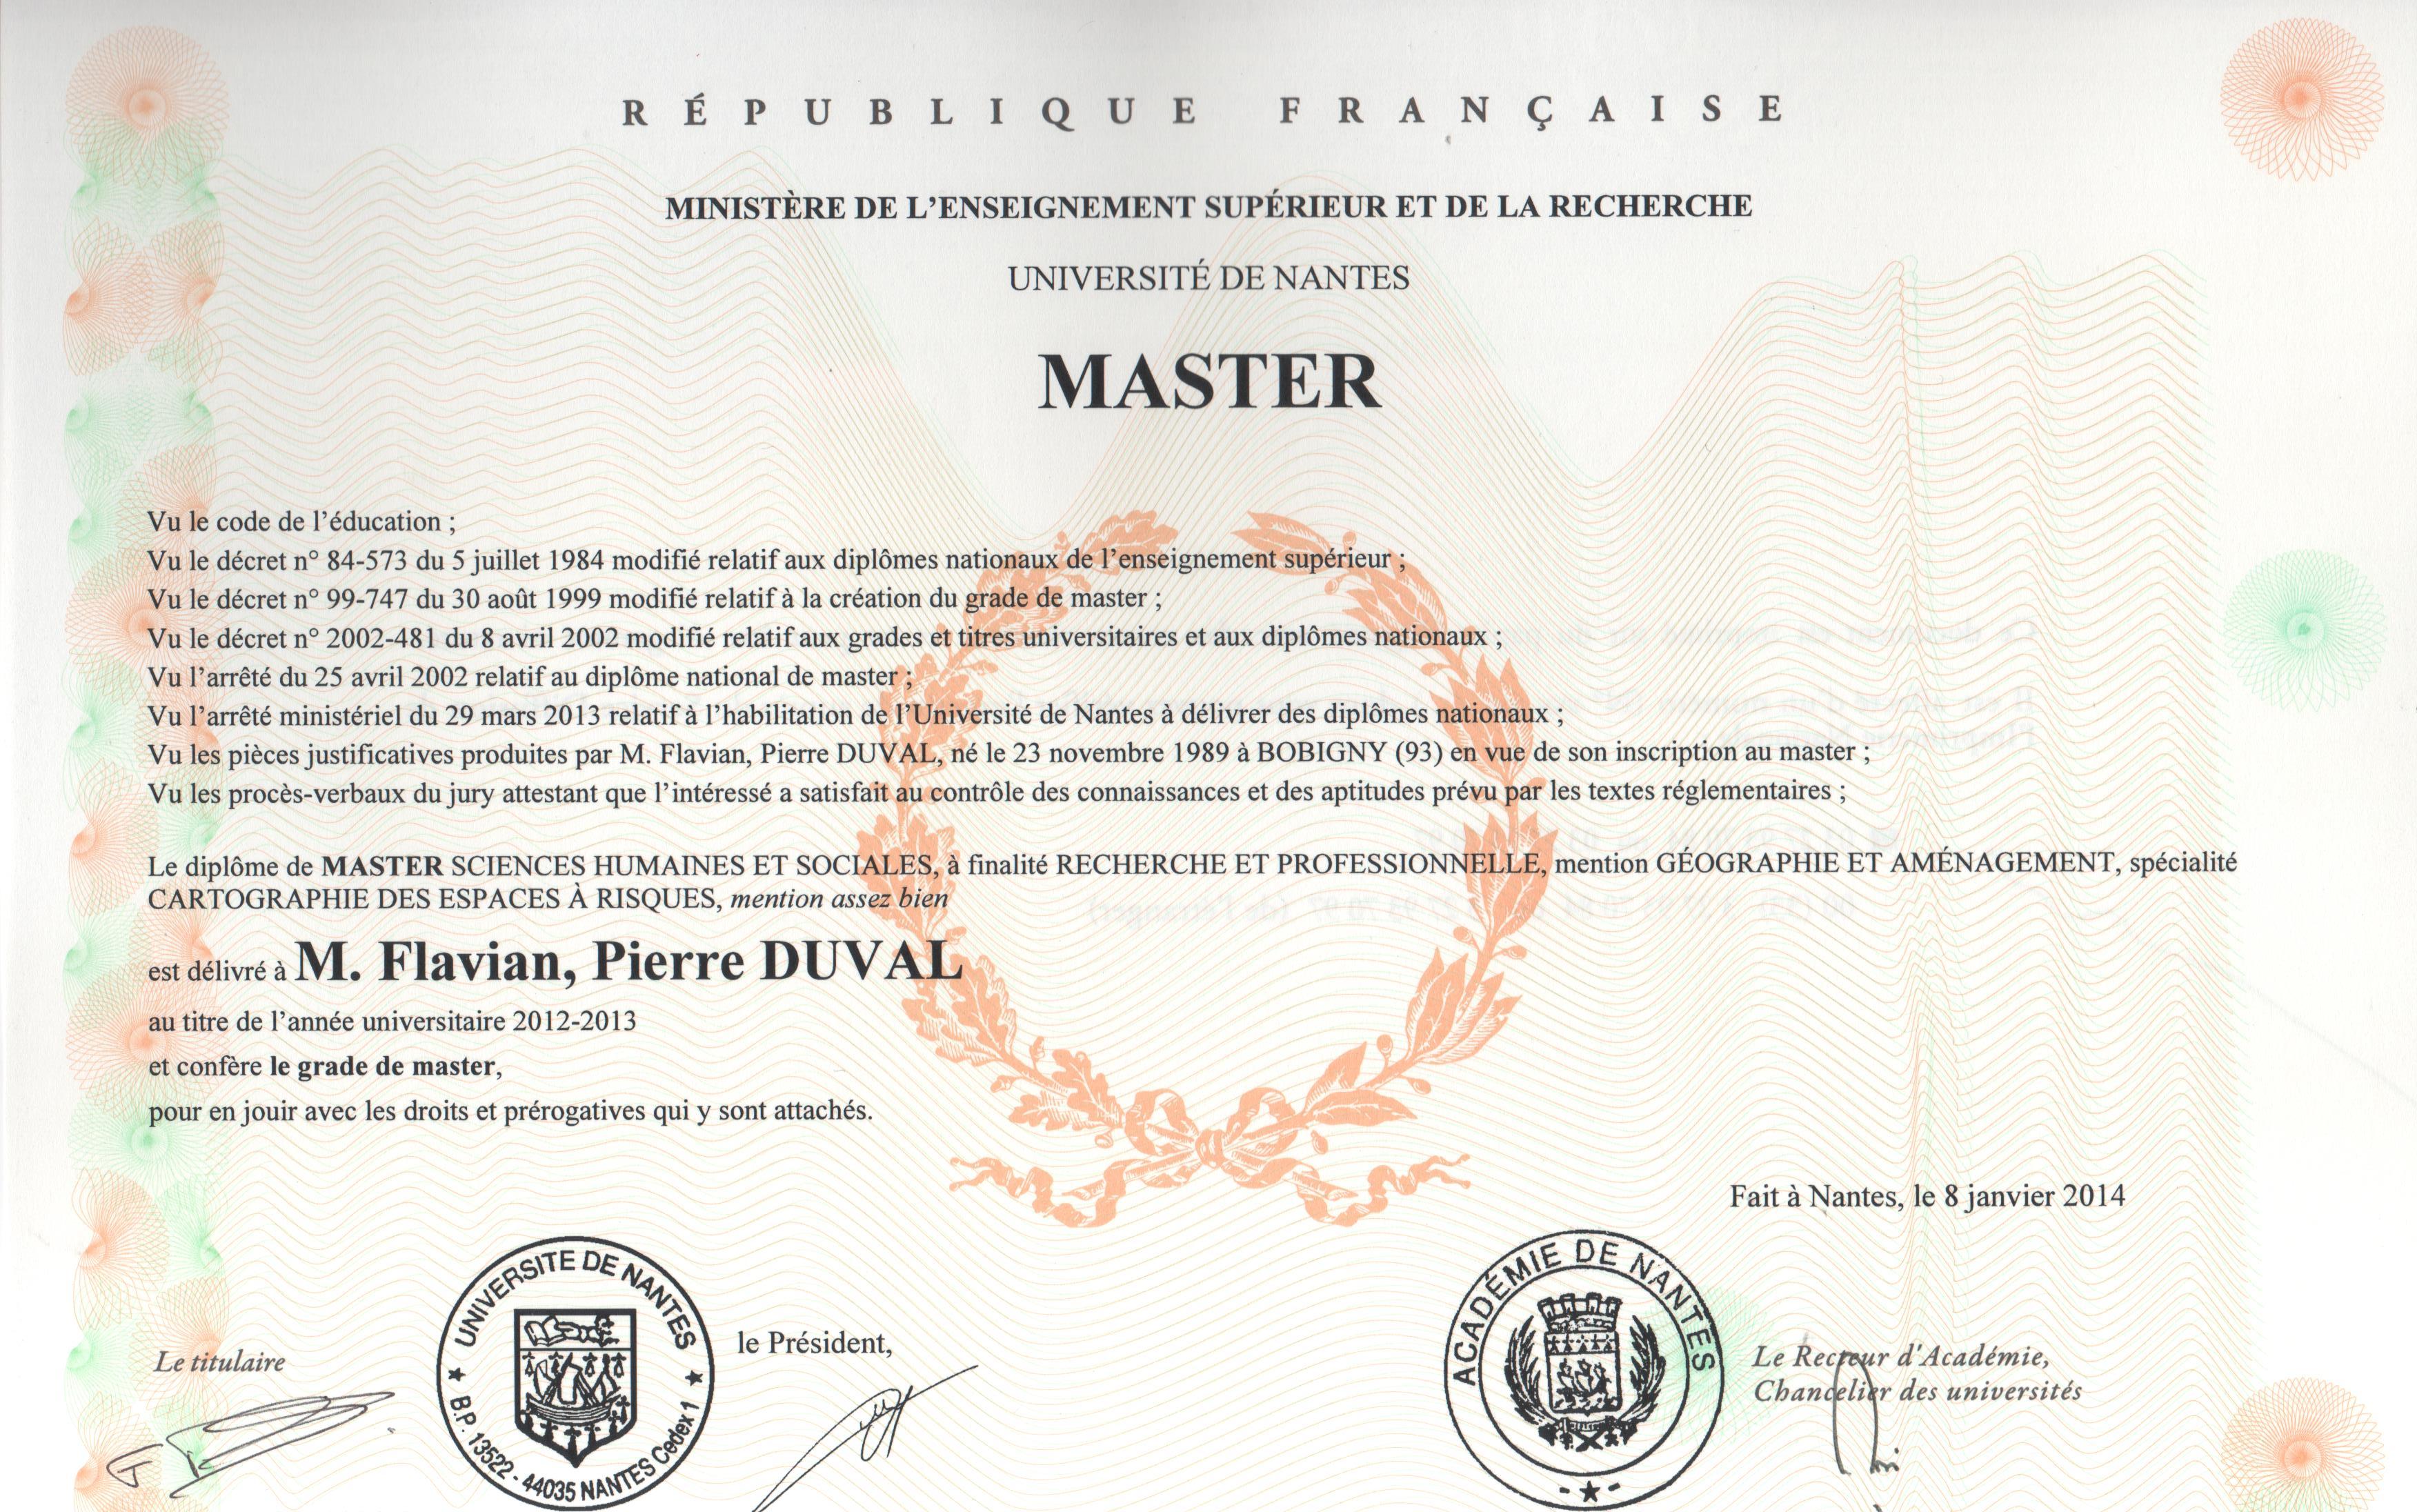 flavian duval - cv